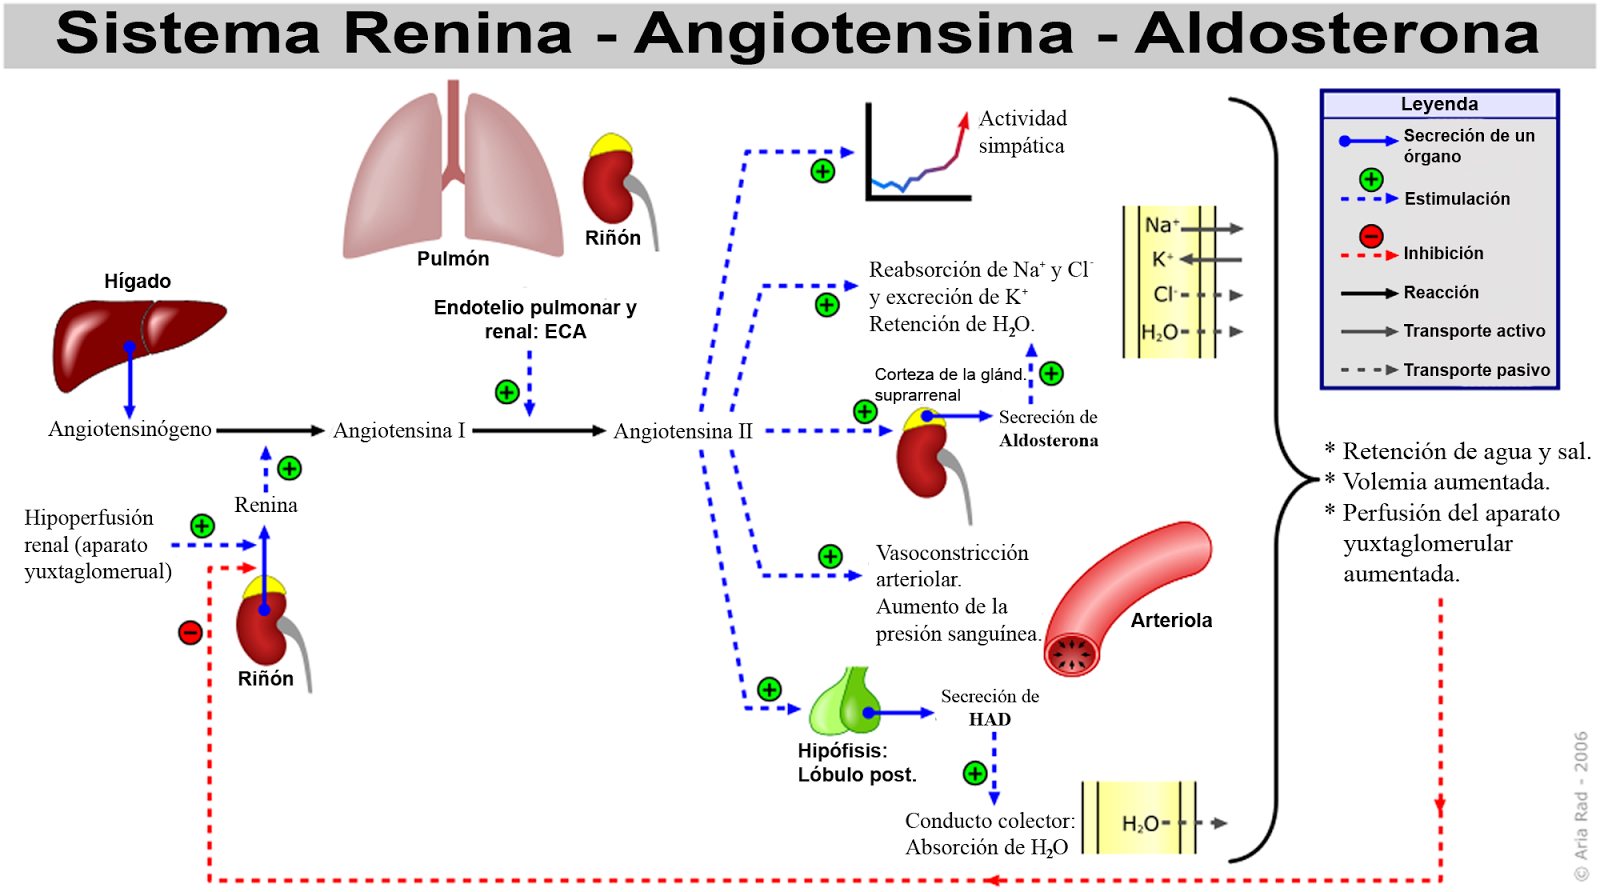 Lo que no notó sobre Hipertensión Arterial Sintomas es altamente efectivo pero extremadamente simple